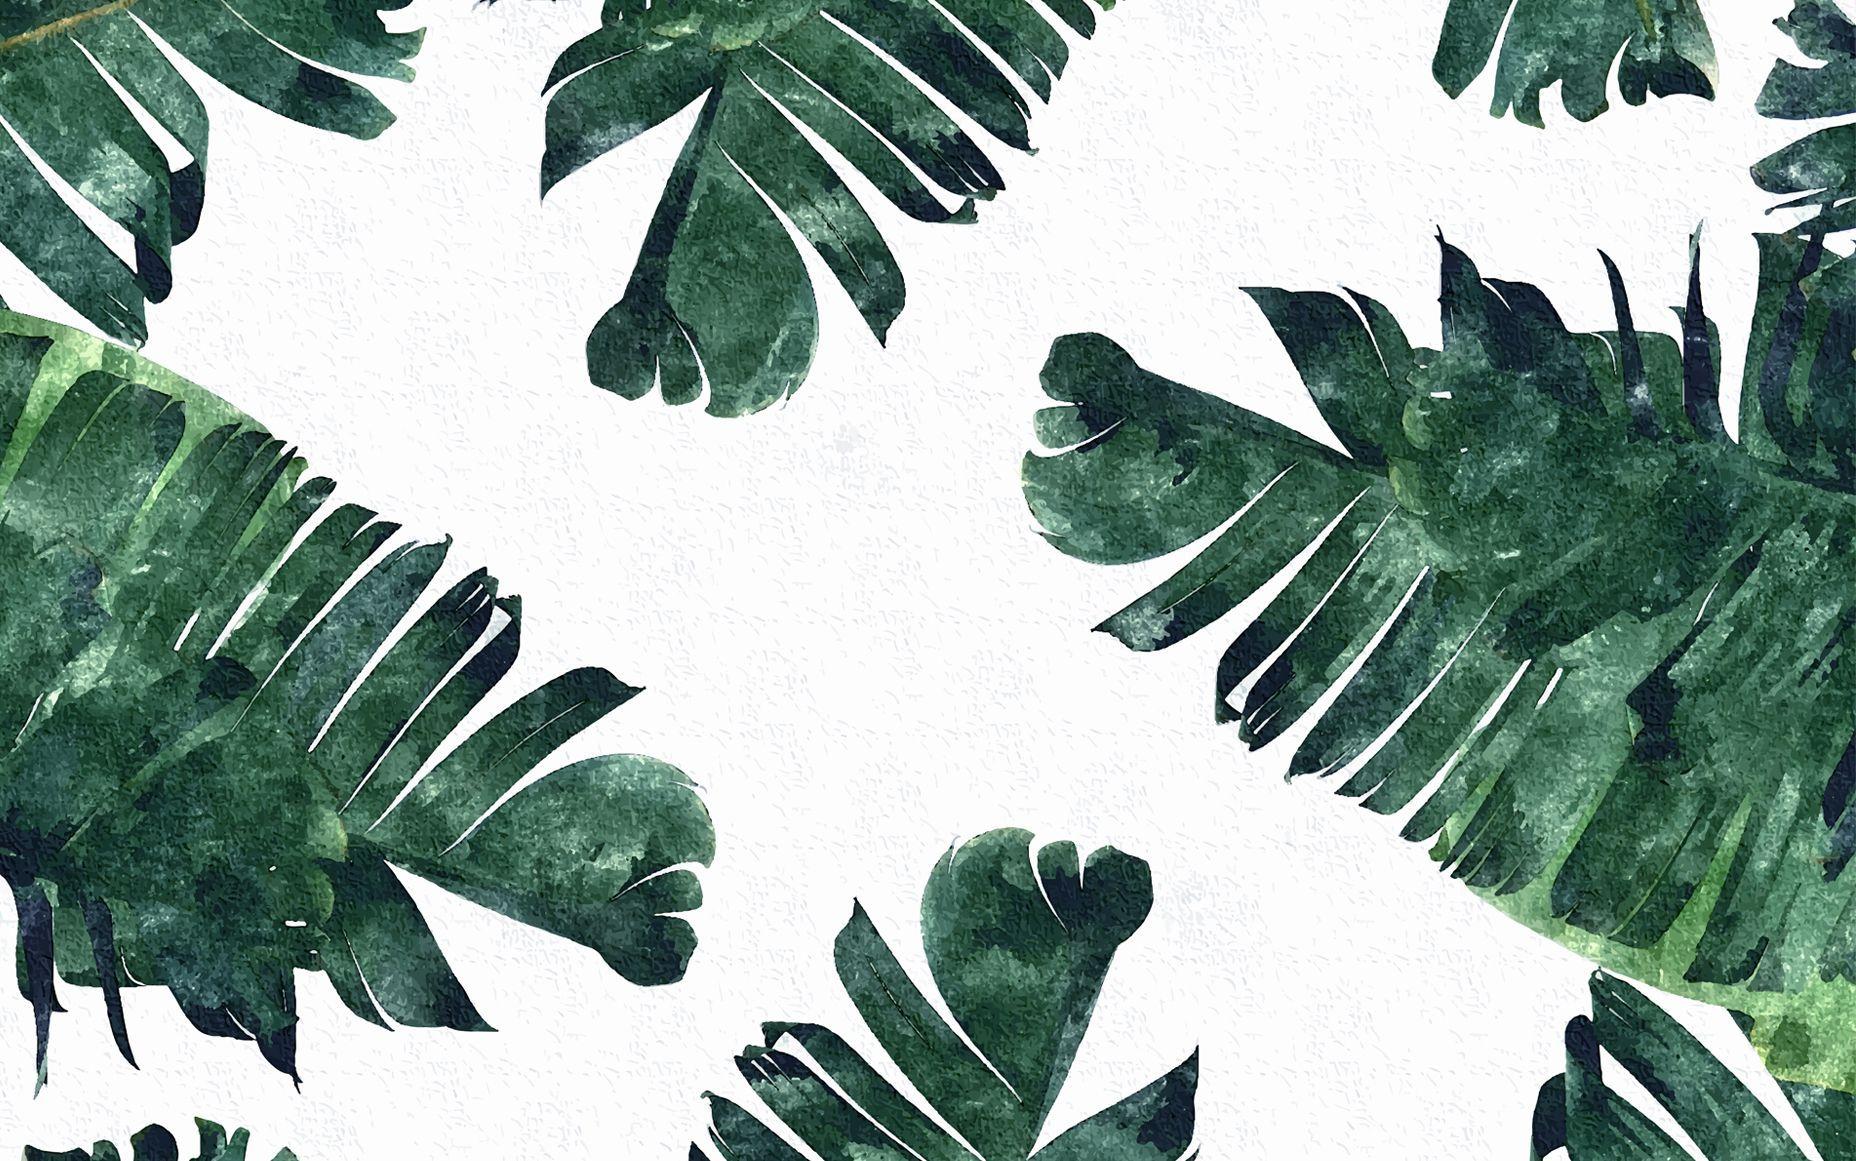 Download 106+ Wallpaper Tumblr Mac Paling Keren